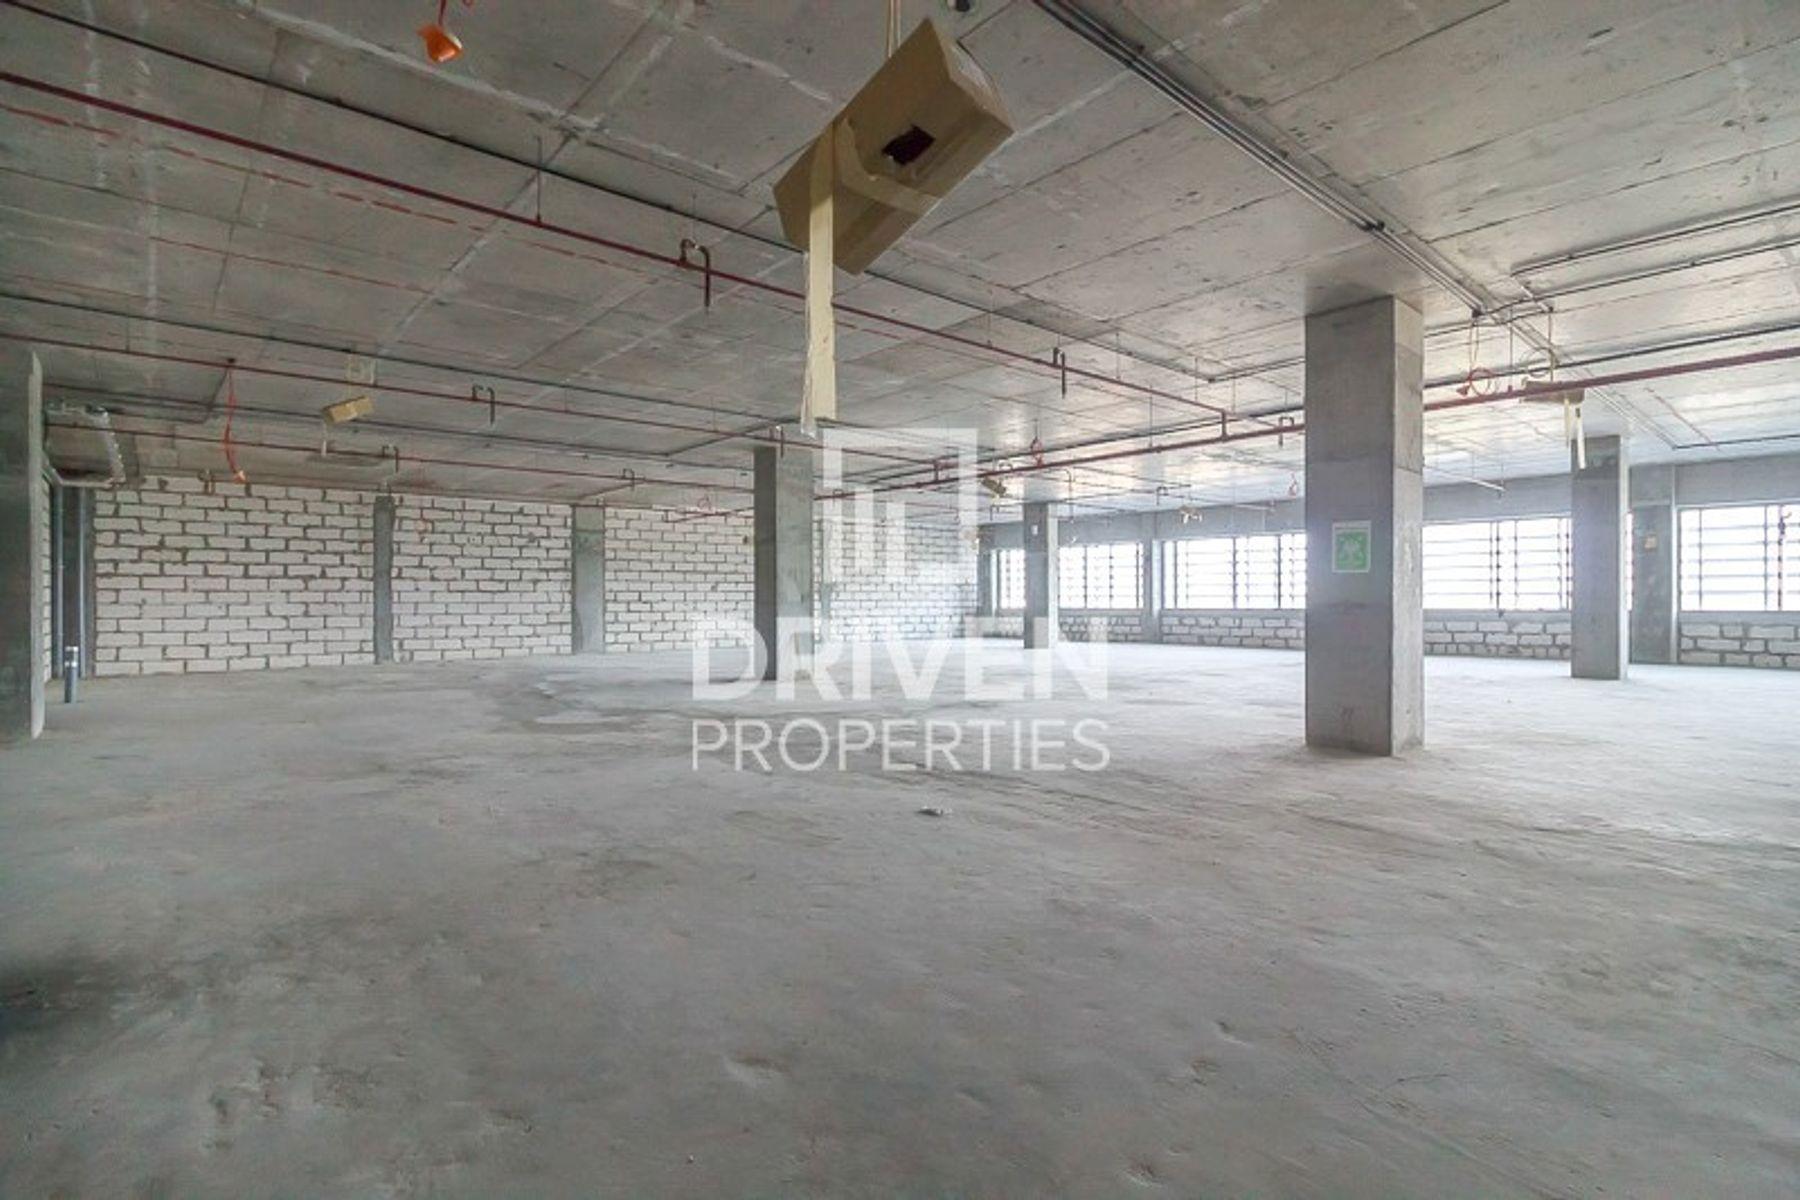 7,360 قدم مربع  مكتب - للبيع - مركز دبي المالي العالمي